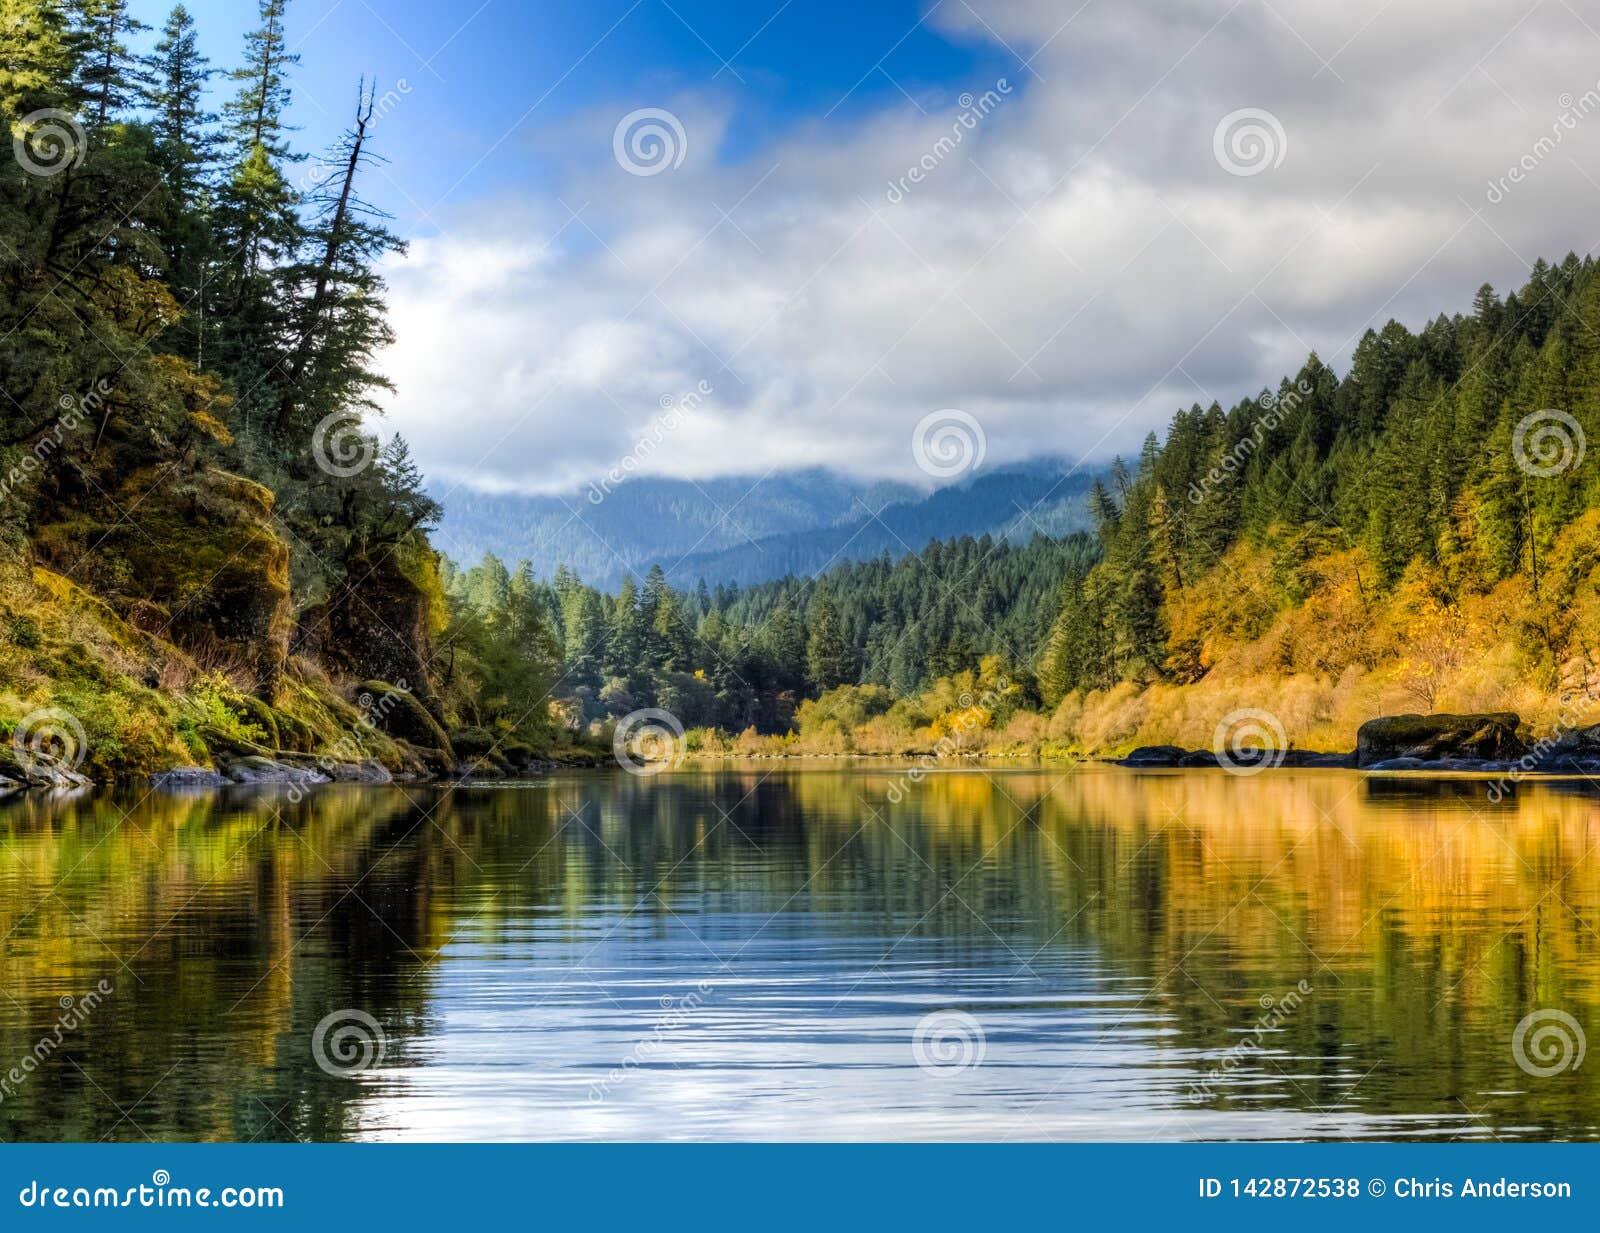 Ισχυρή mossy γραμμή λίθων οι άκρες του χαμηλότερου ποταμού απατεώνων τέλη Οκτωβρίου με το μπλε ουρανό και τα σύννεφα στην απόστασ